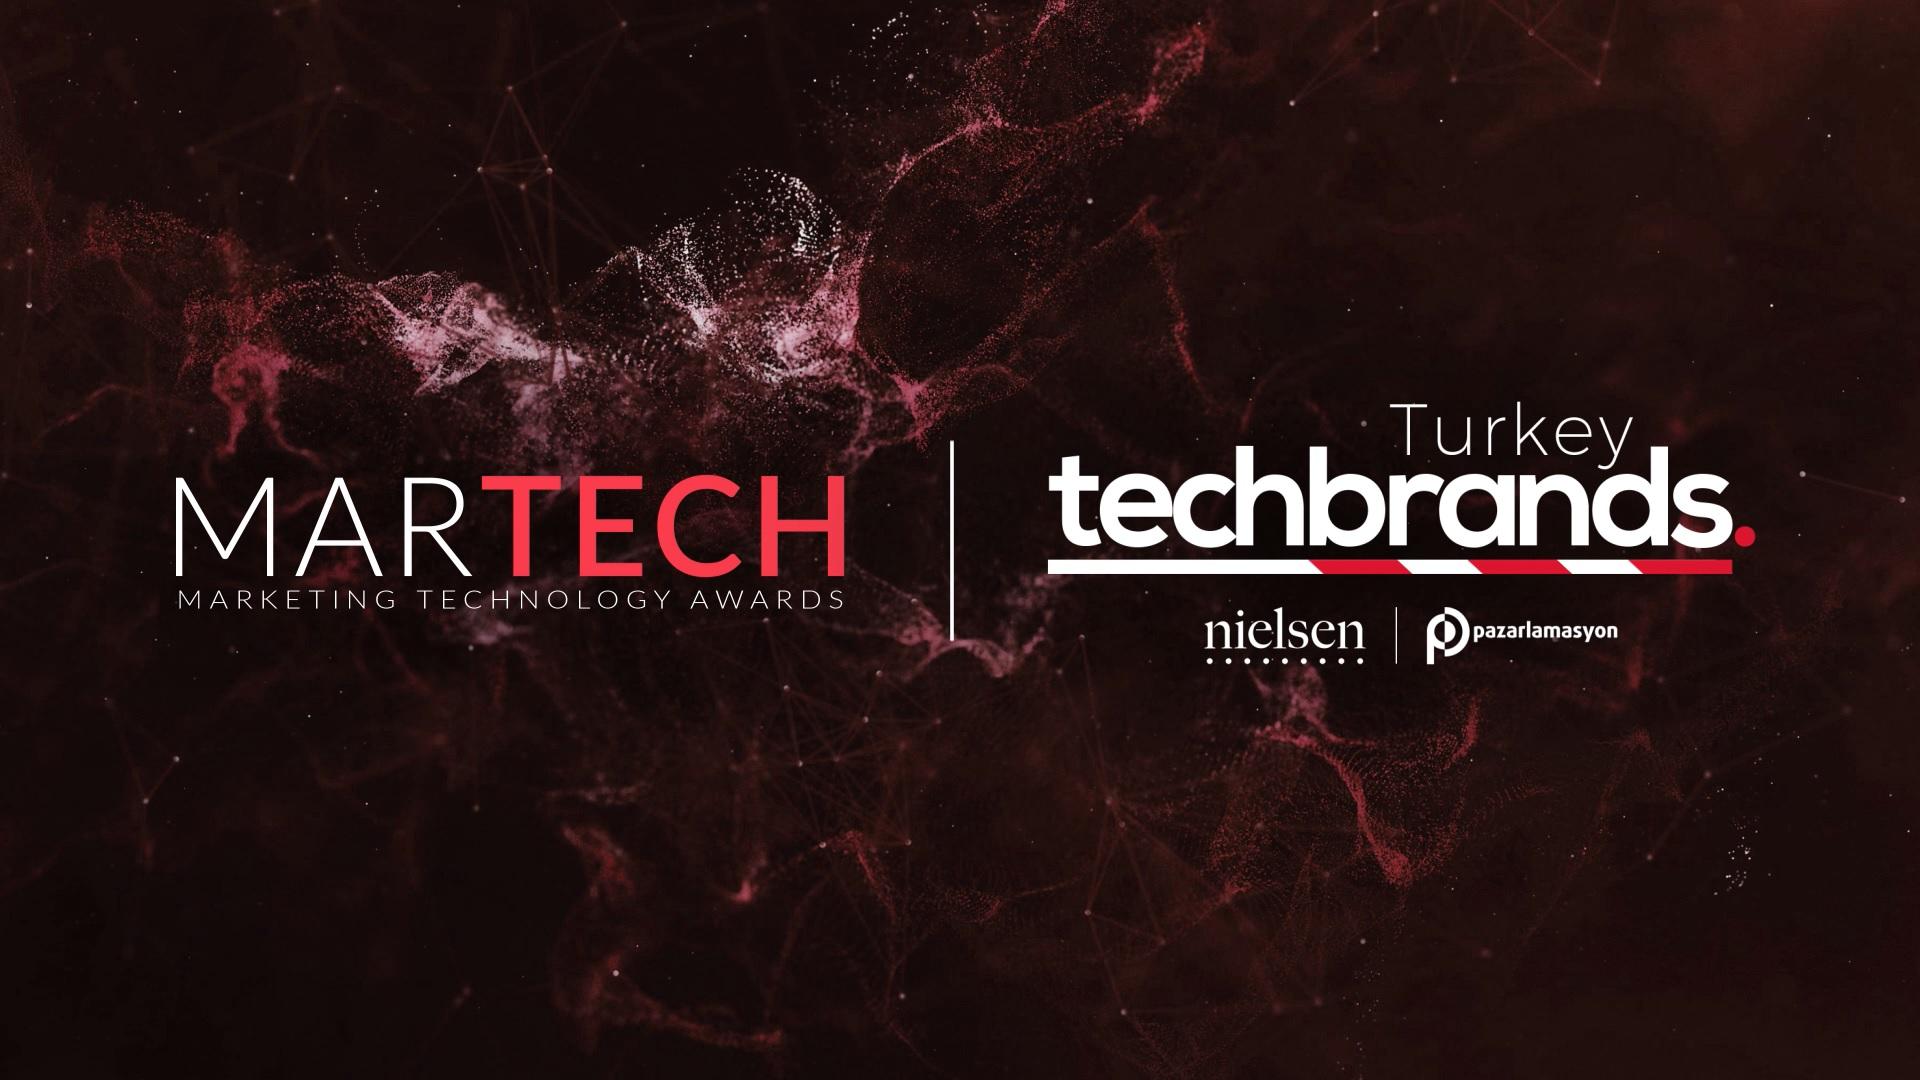 MarTech Awards ve Tech Brands Ödülleri Bu Akşam Sahiplerini Buluyor